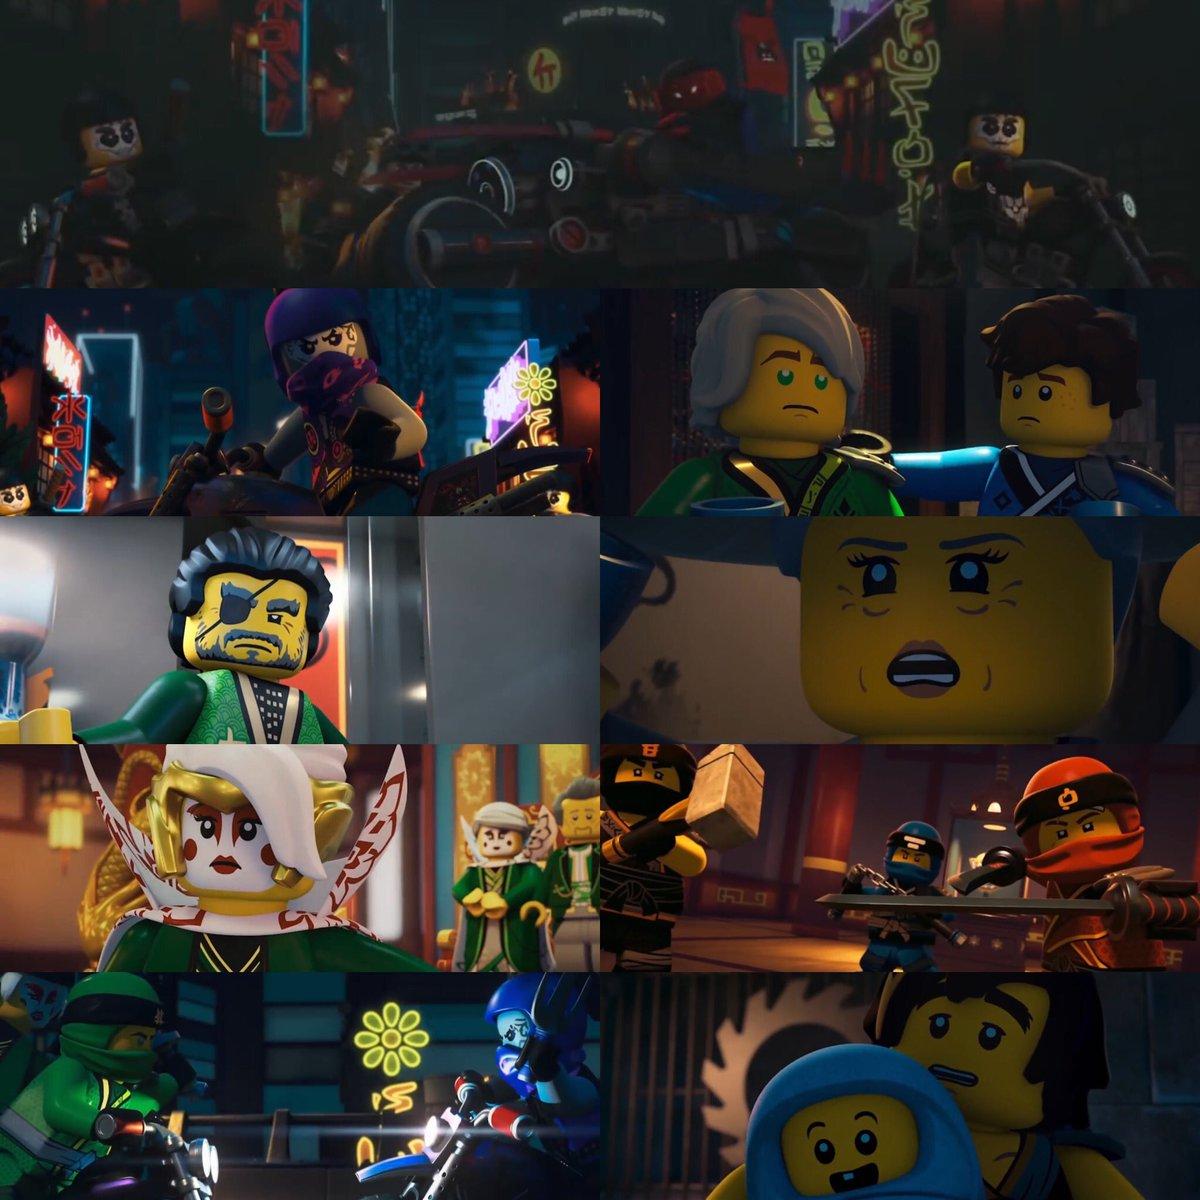 Lego ninjago kai on Twitter: